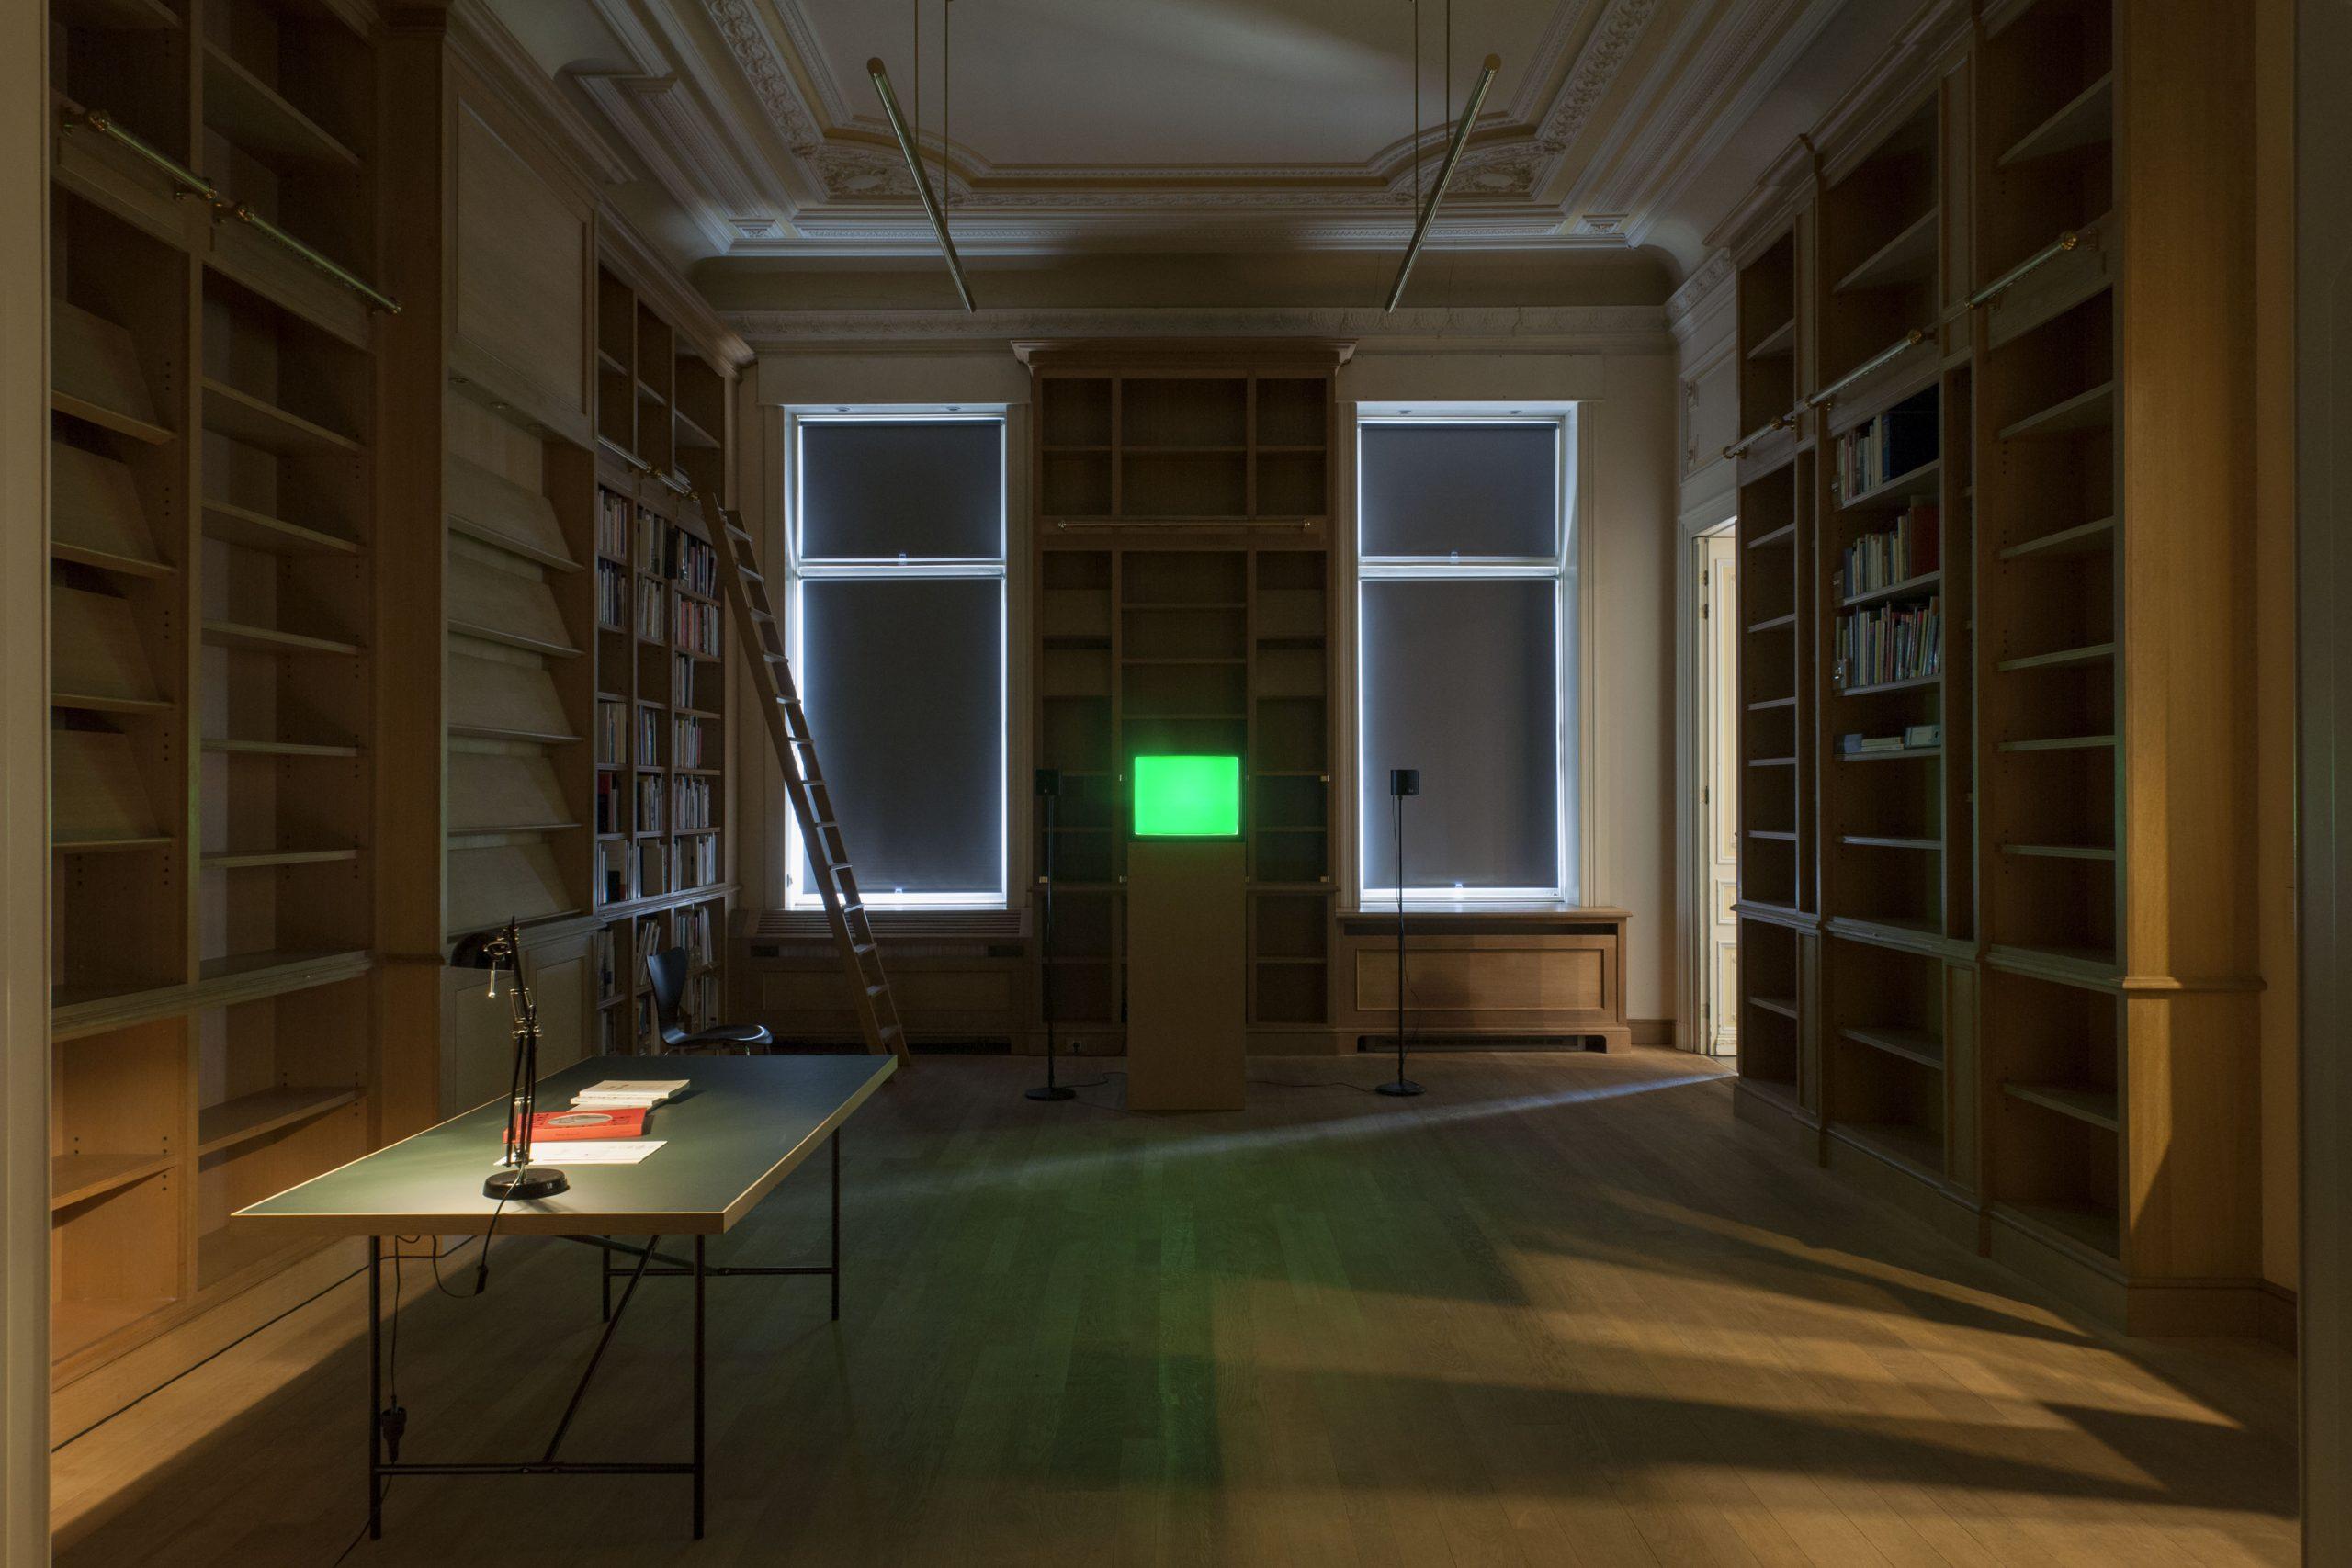 Pierre Bismuth, installation view at Jan Mot, 2015